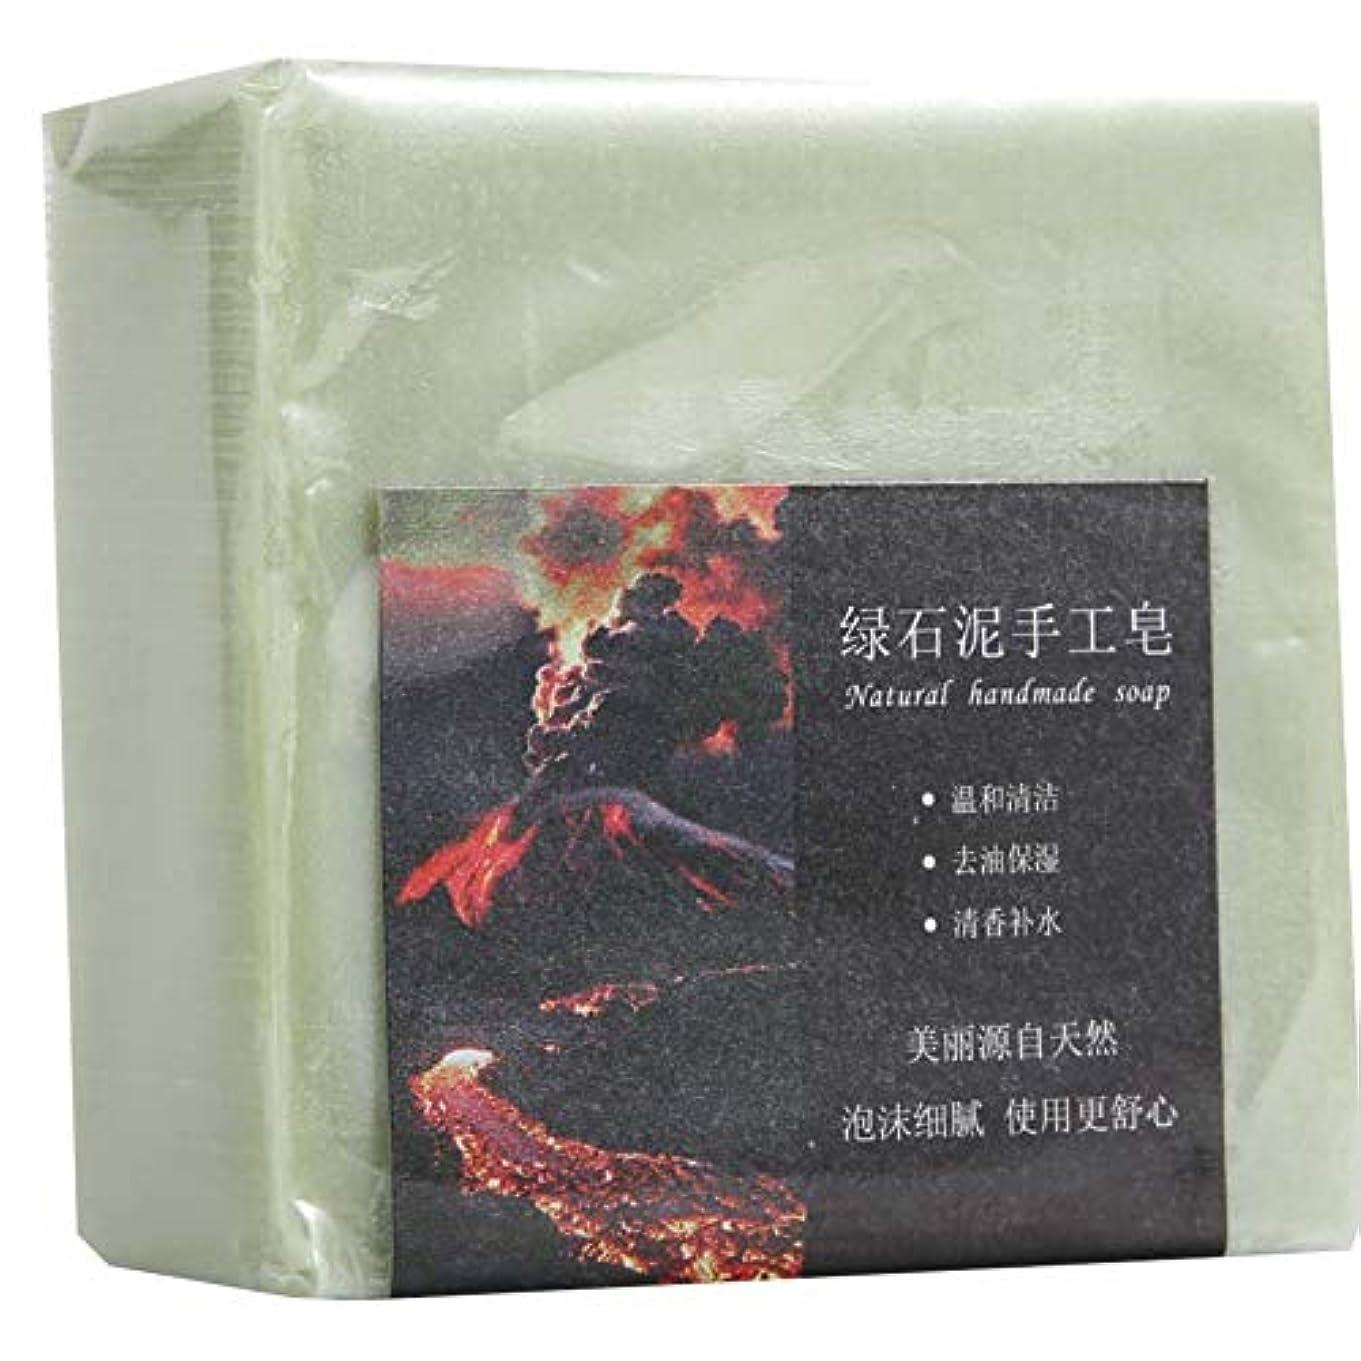 ペルセウス遺棄されたトラフハンドメイドグリーンクレイソープ 優しい フェイシャルクリーニング 保湿フェイシャルケア バスエッセンシャルオイルソープ